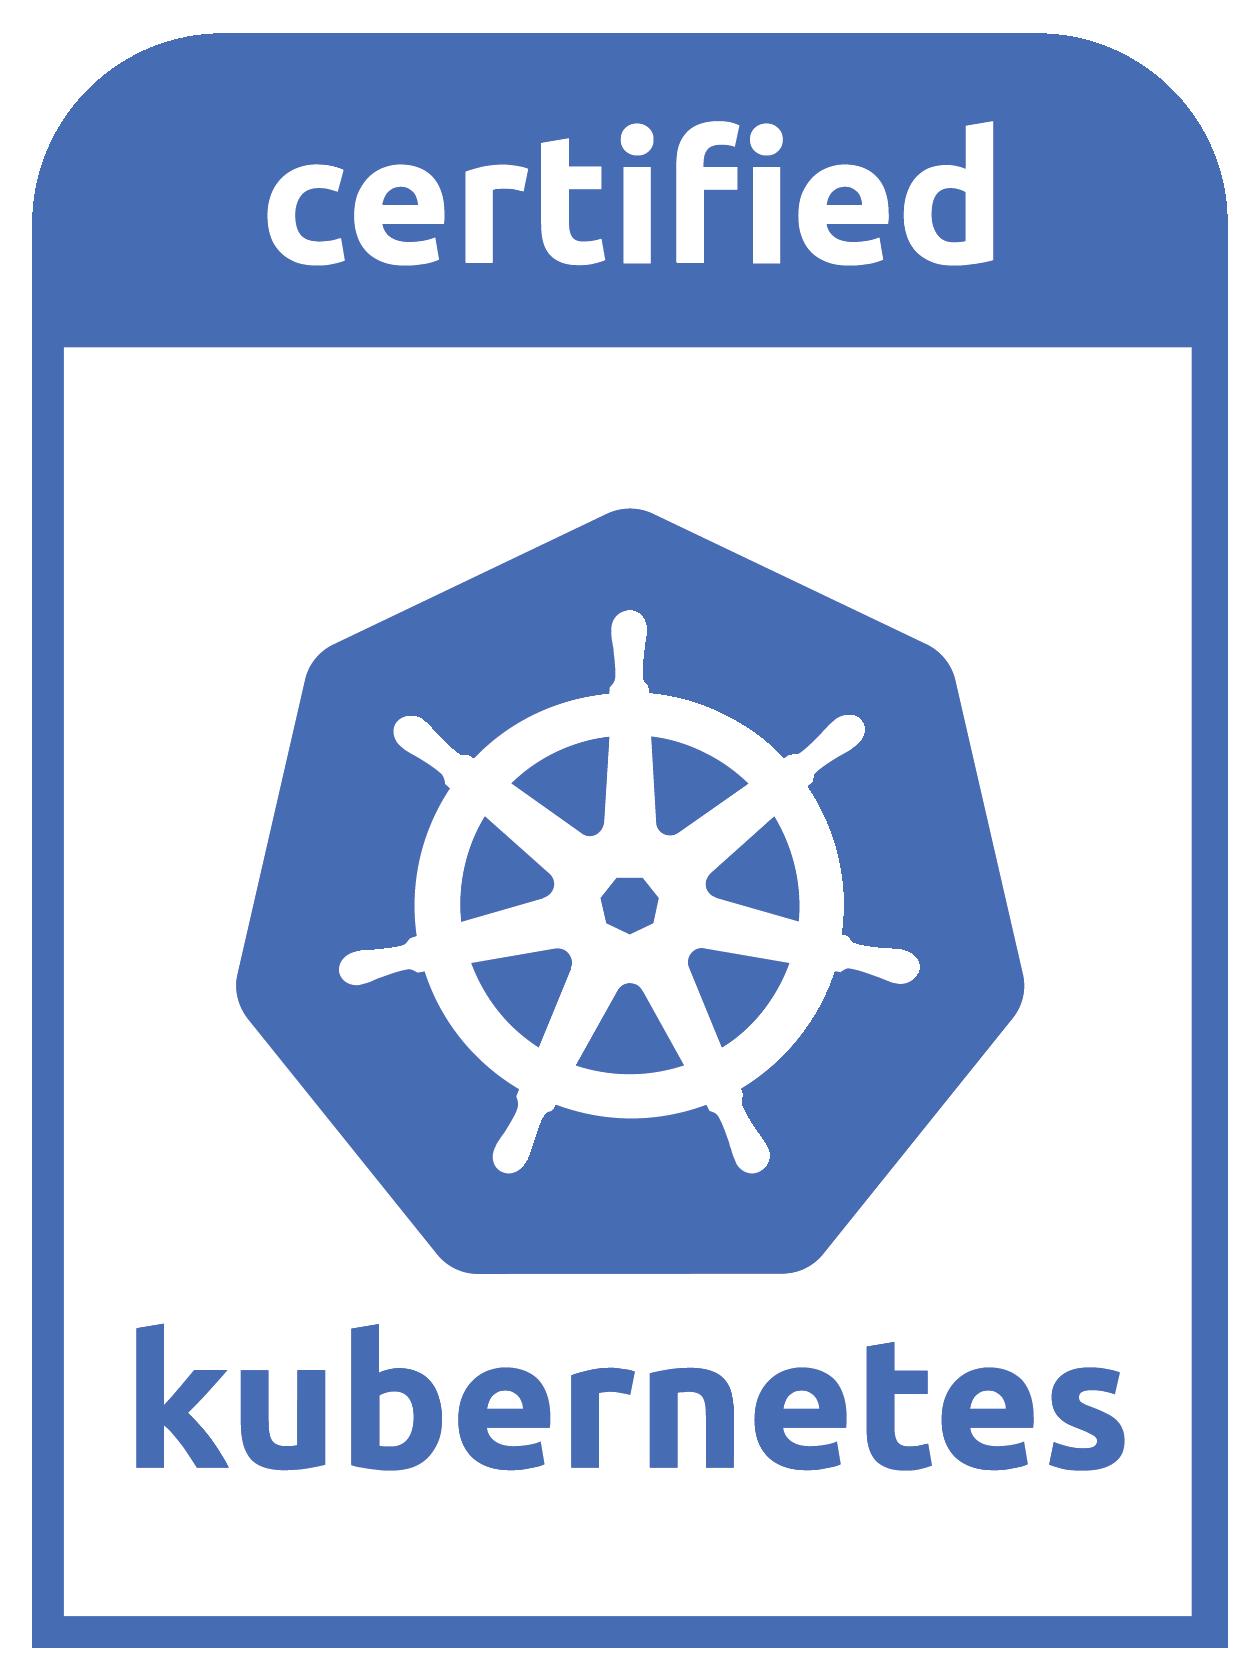 Certified Kubernetes logo